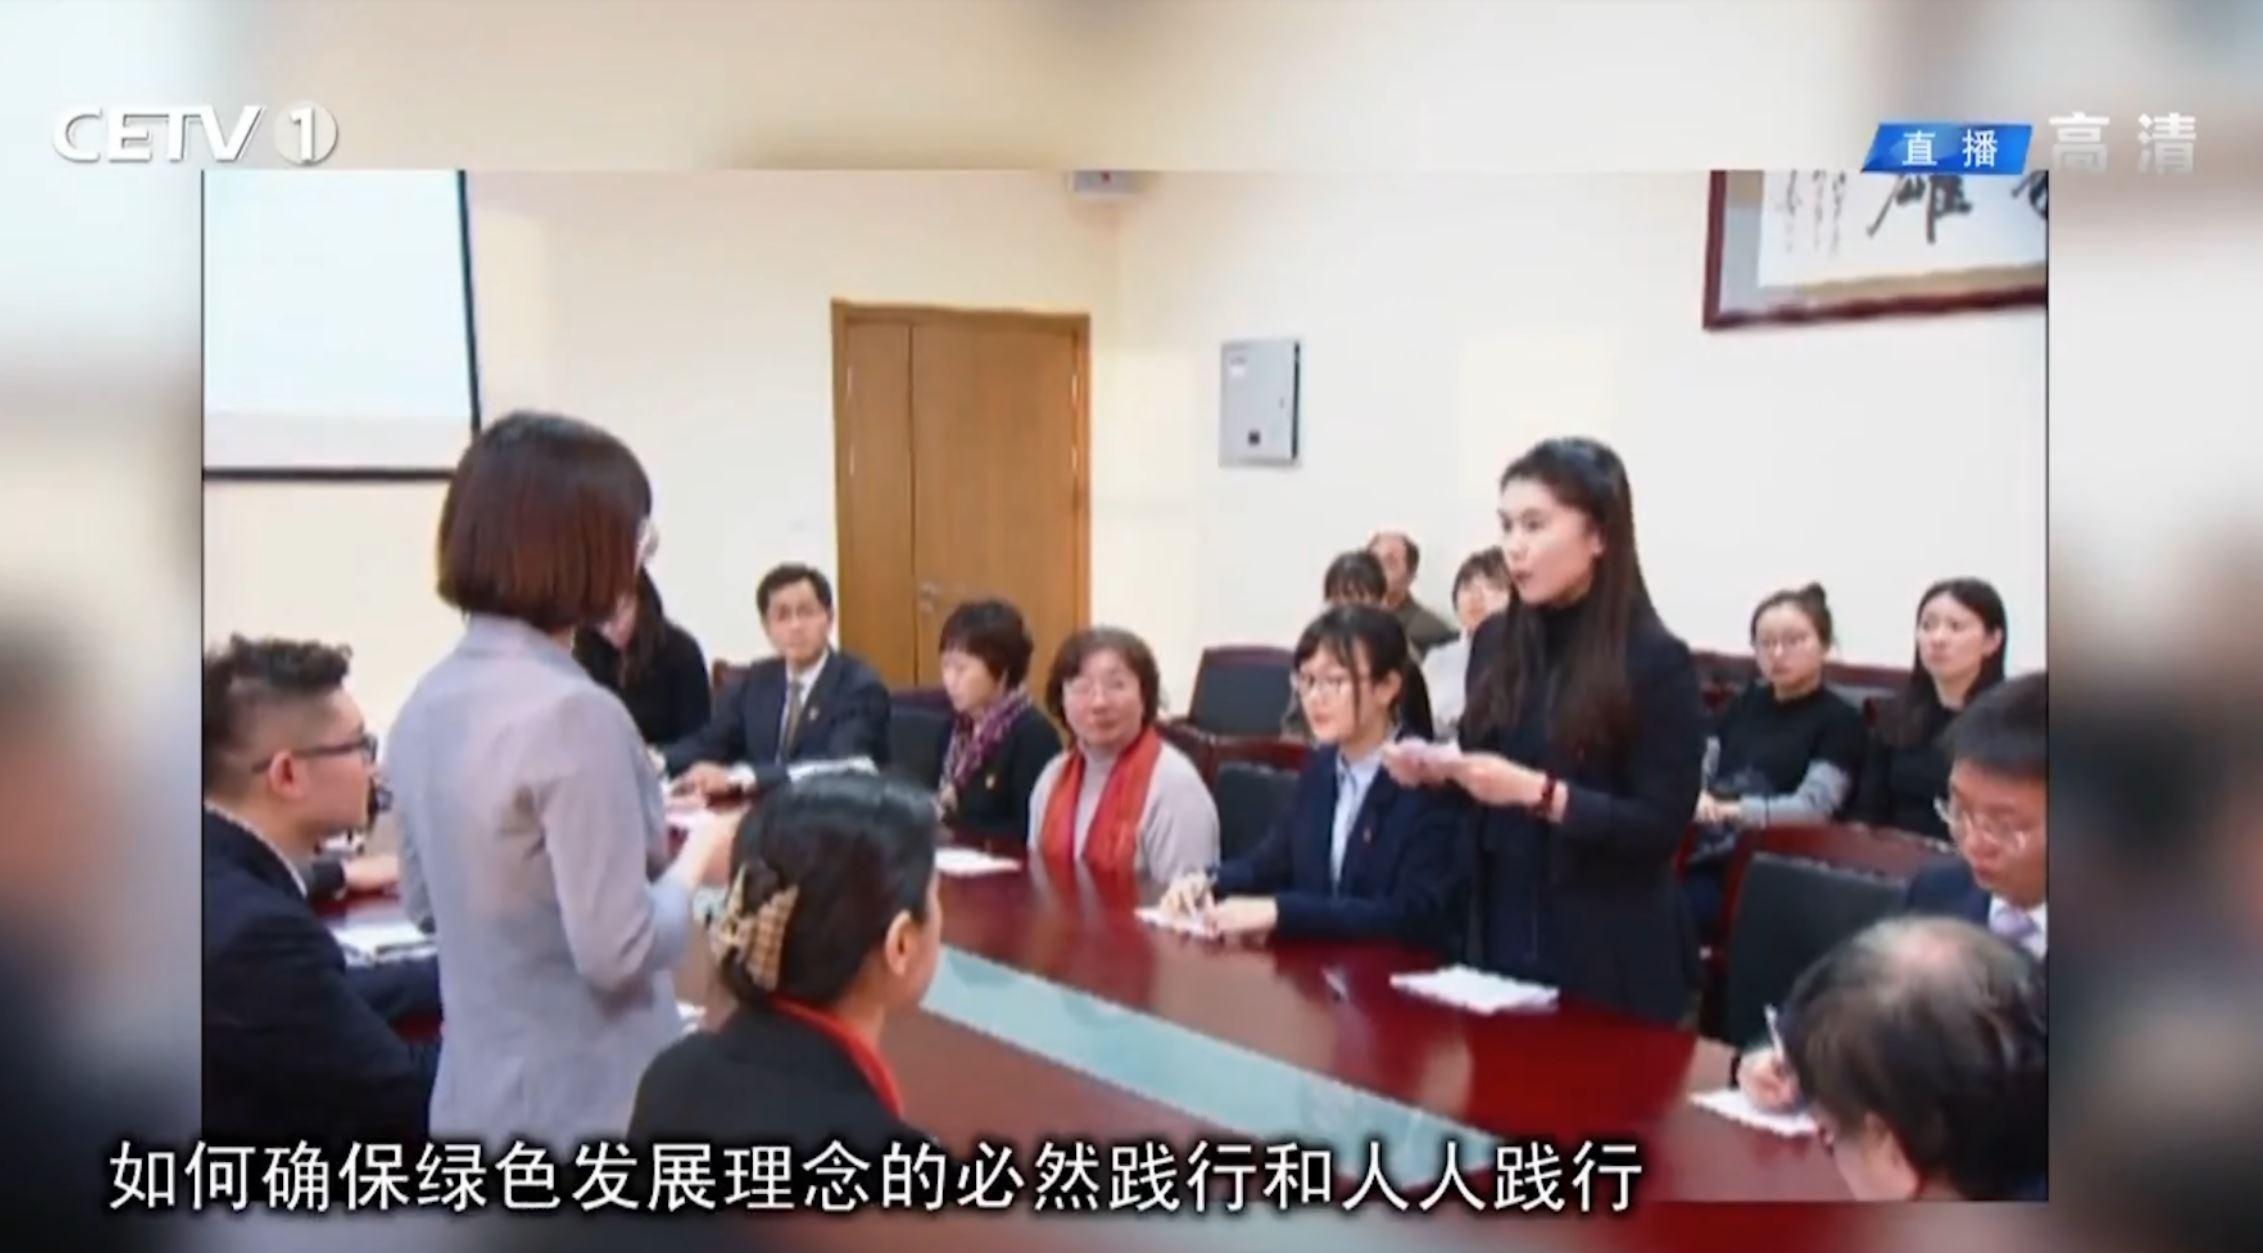 视频新闻第358期:中央教育电视台报道我校马克思主义学院论辩式党课